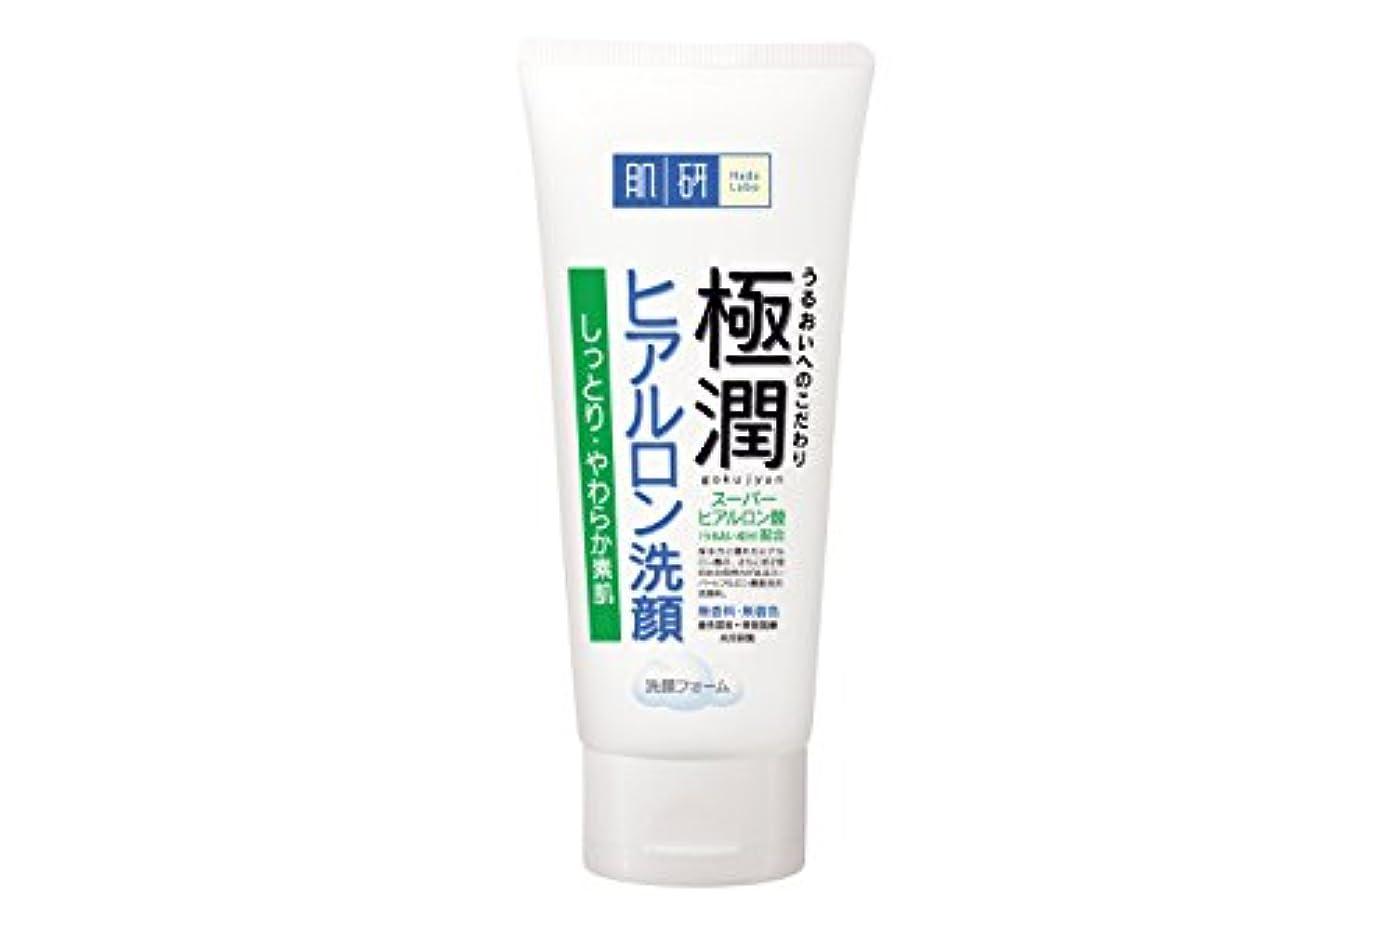 キルト近似一見肌研(ハダラボ) 極潤  ヒアルロン 洗顔フォーム 100g